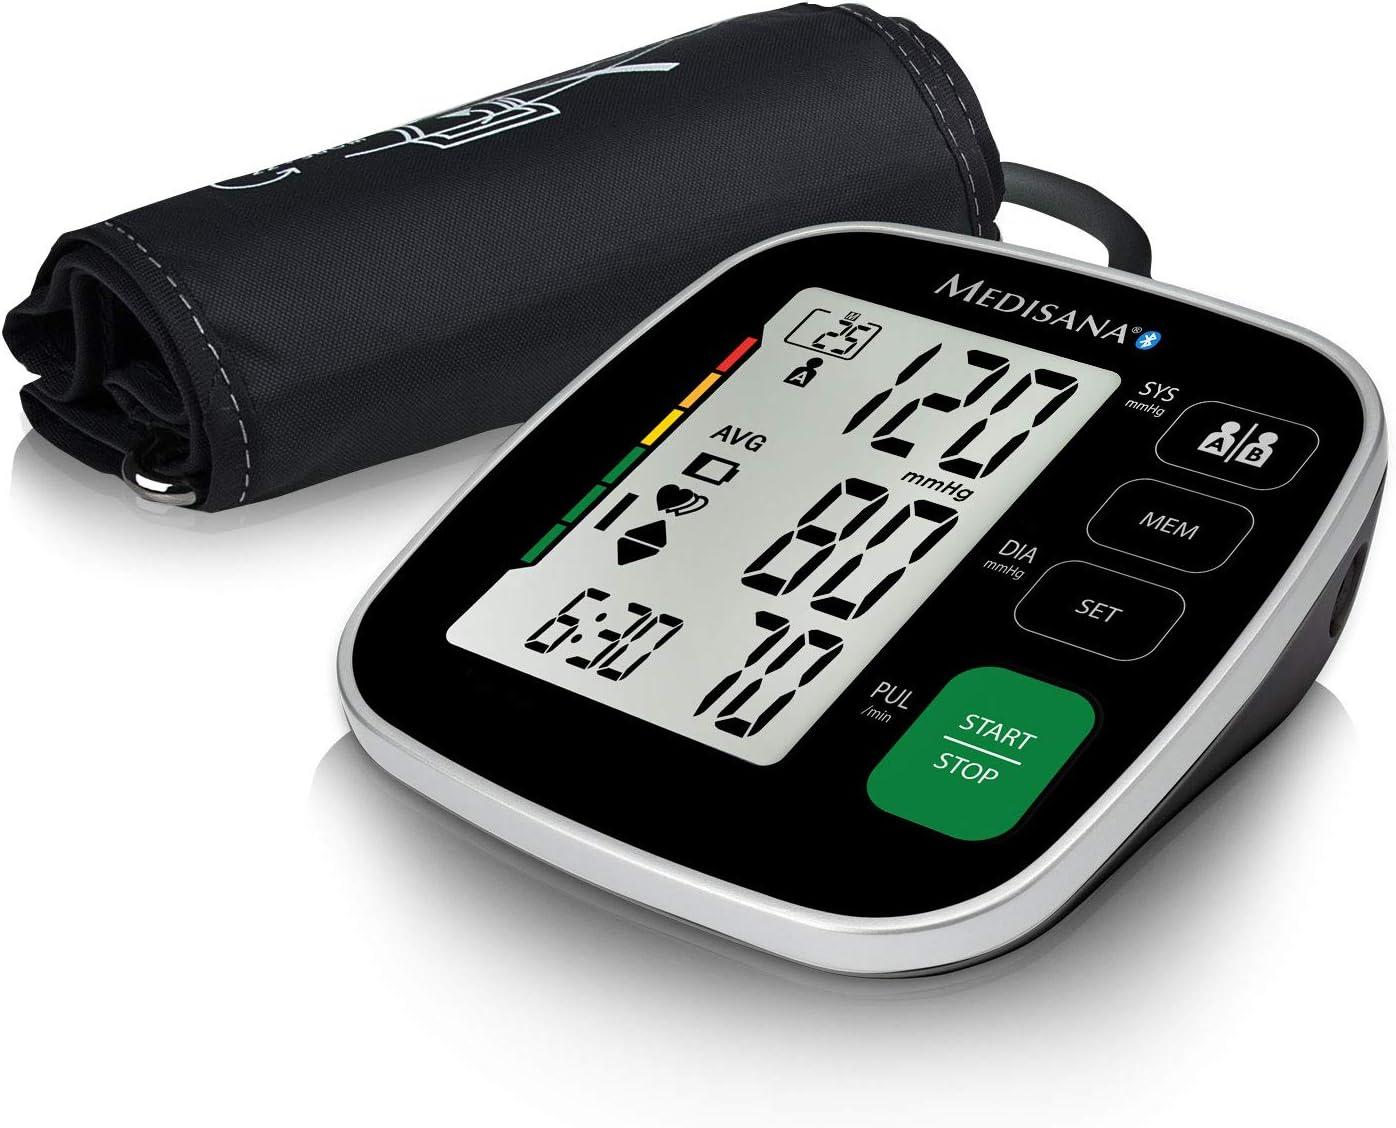 Medisana BU 546 connect Tensiómetro para el brazo con manguito grande, pantalla de arritmia, escala de colores de la OMS para una medición precisa de la tensión arterial y del pulso con app